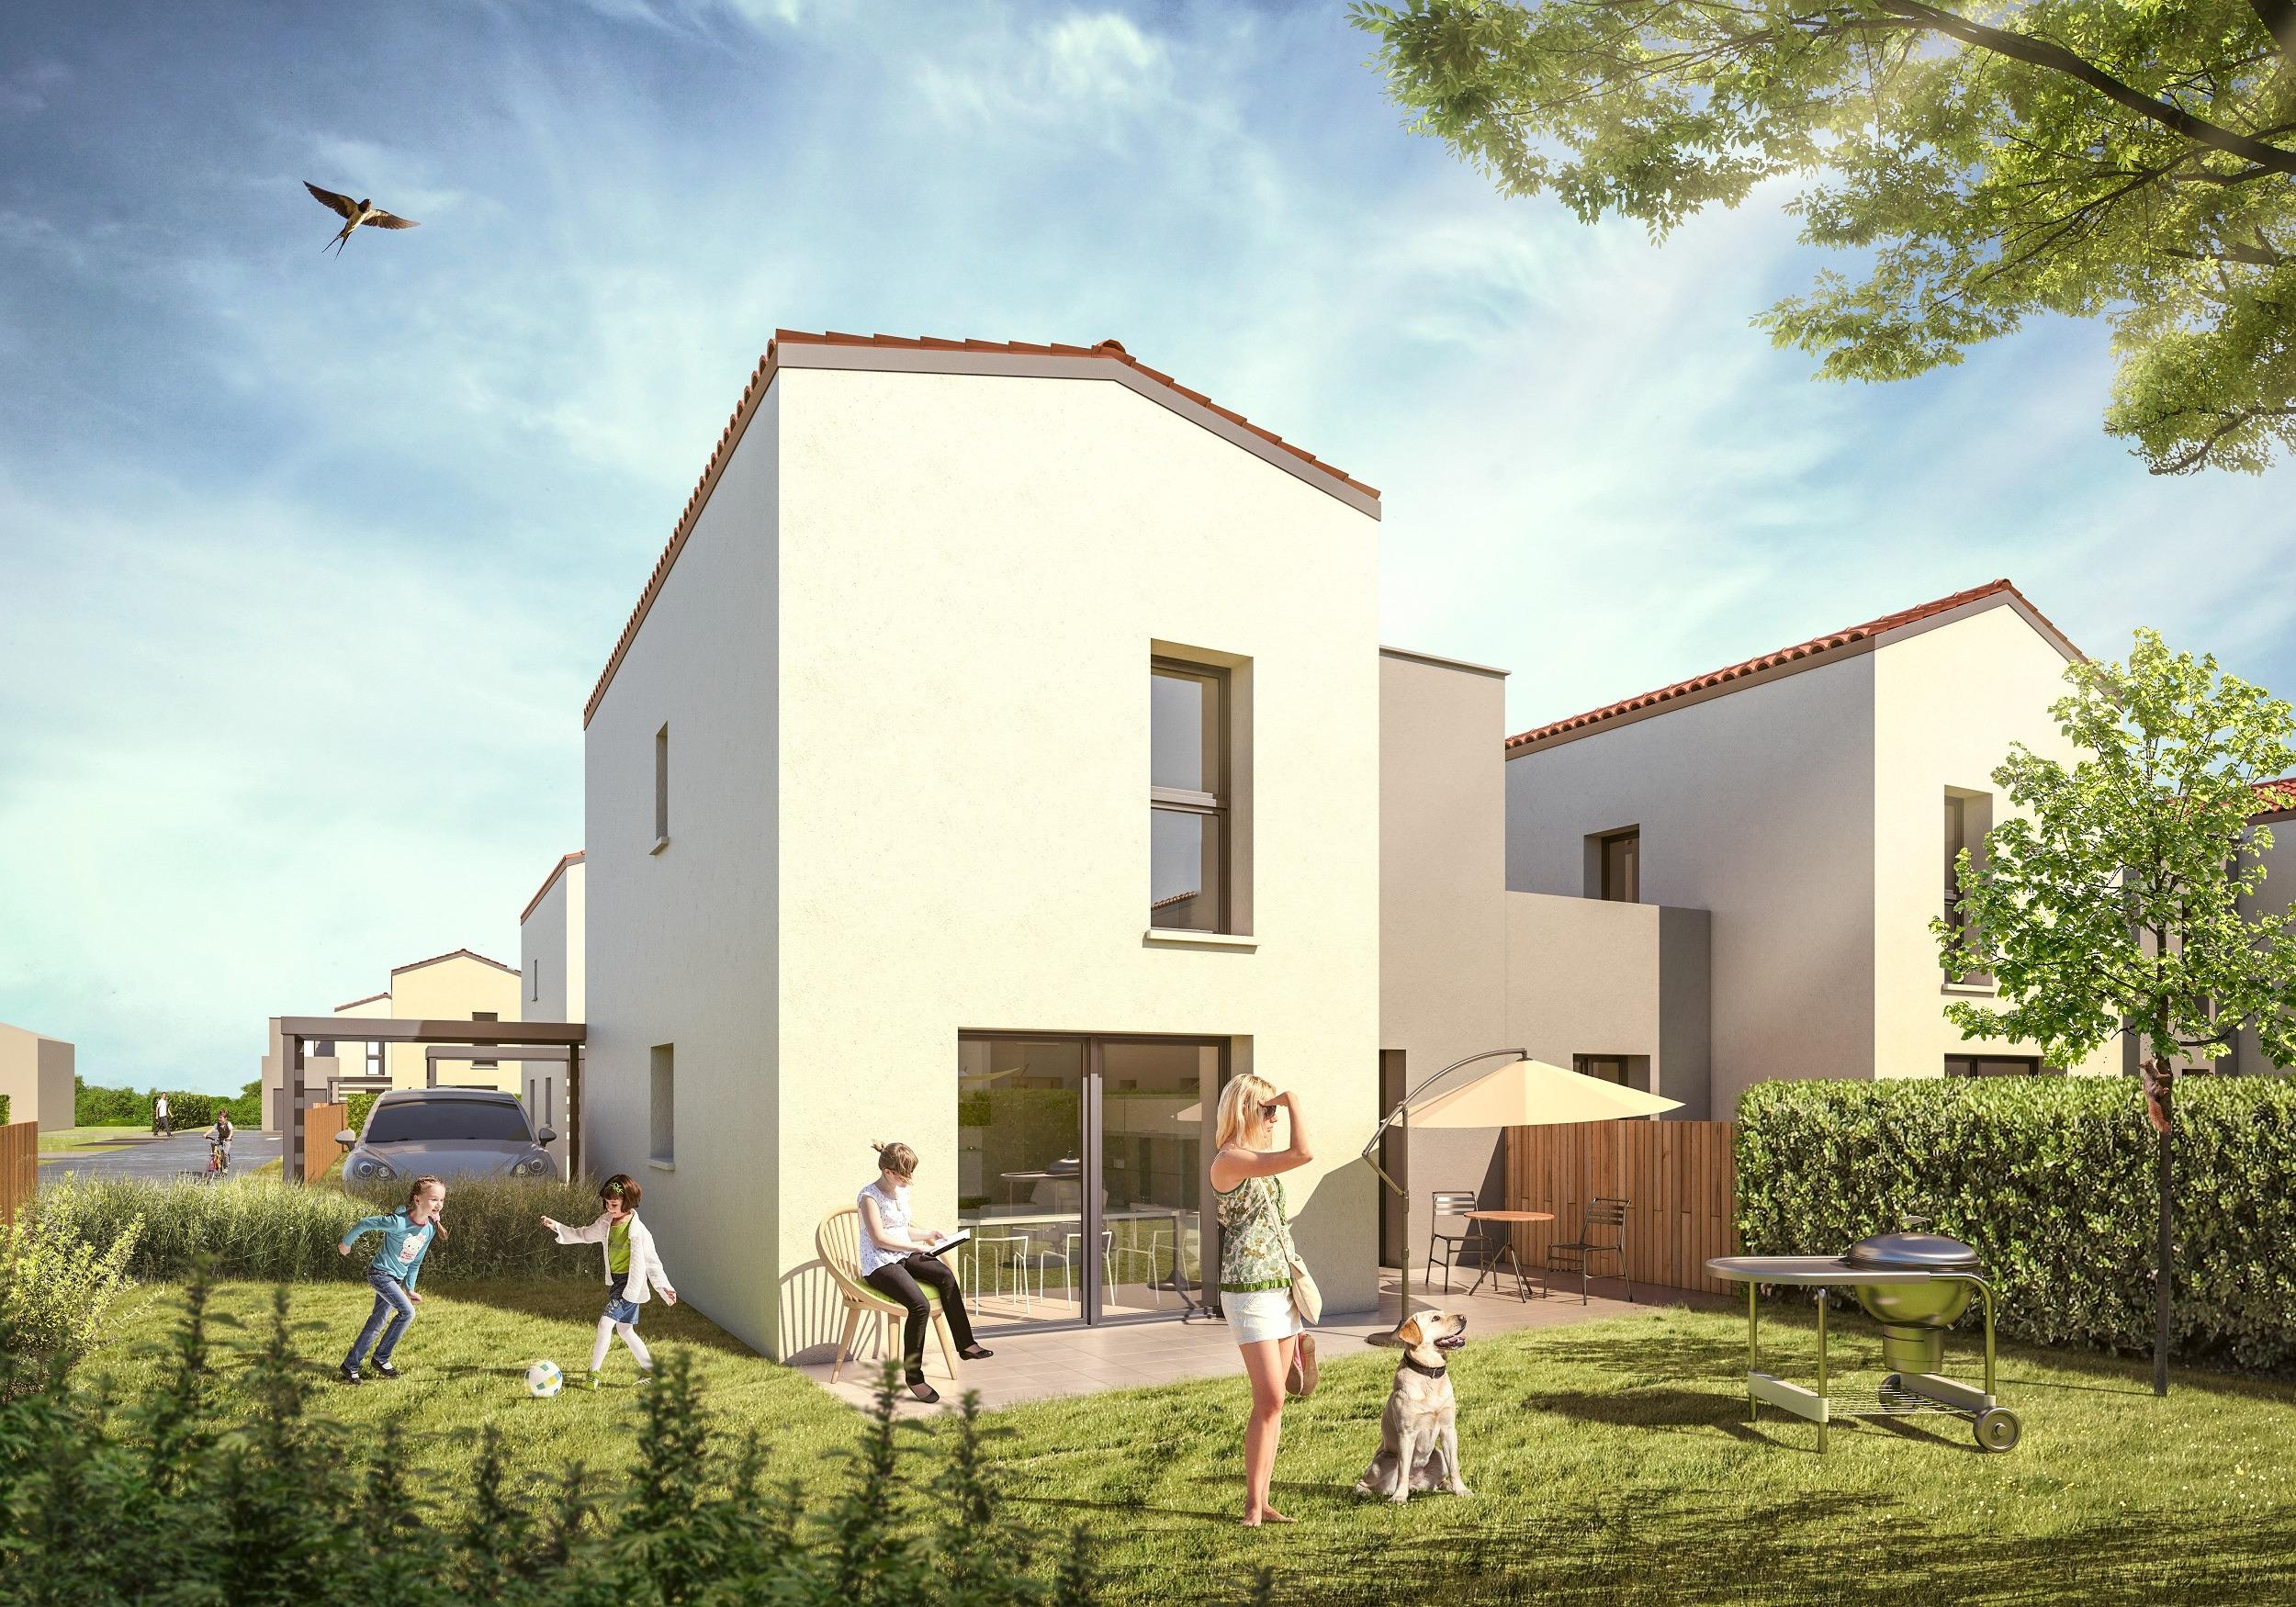 Maisons + Terrains du constructeur MAISON AXIAL • 84 m² • LA TOUR DE SALVAGNY